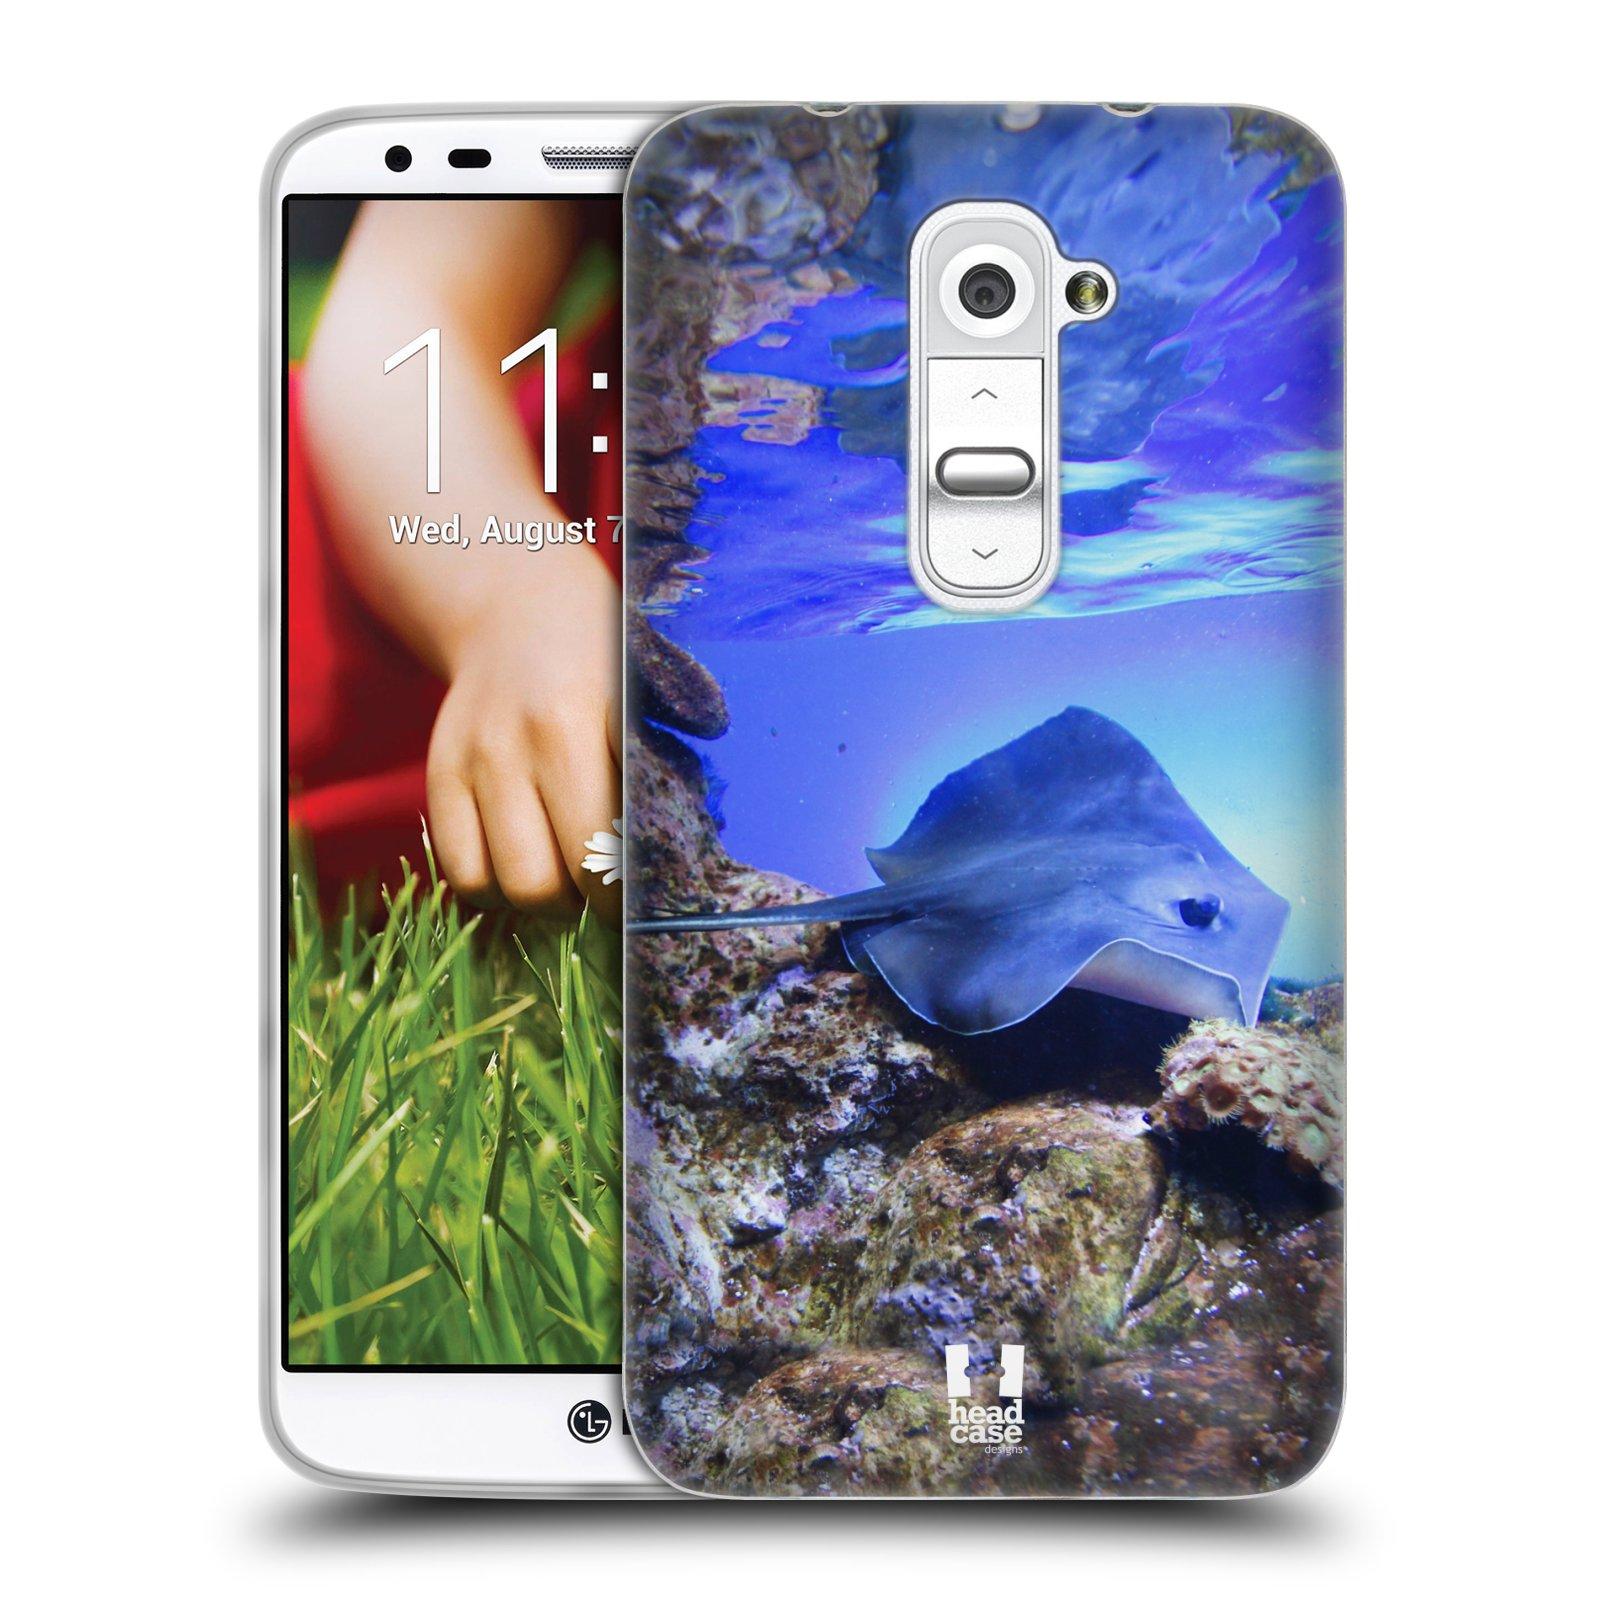 HEAD CASE silikonový obal na mobil LG G2 vzor slavná zvířata foto rejnok